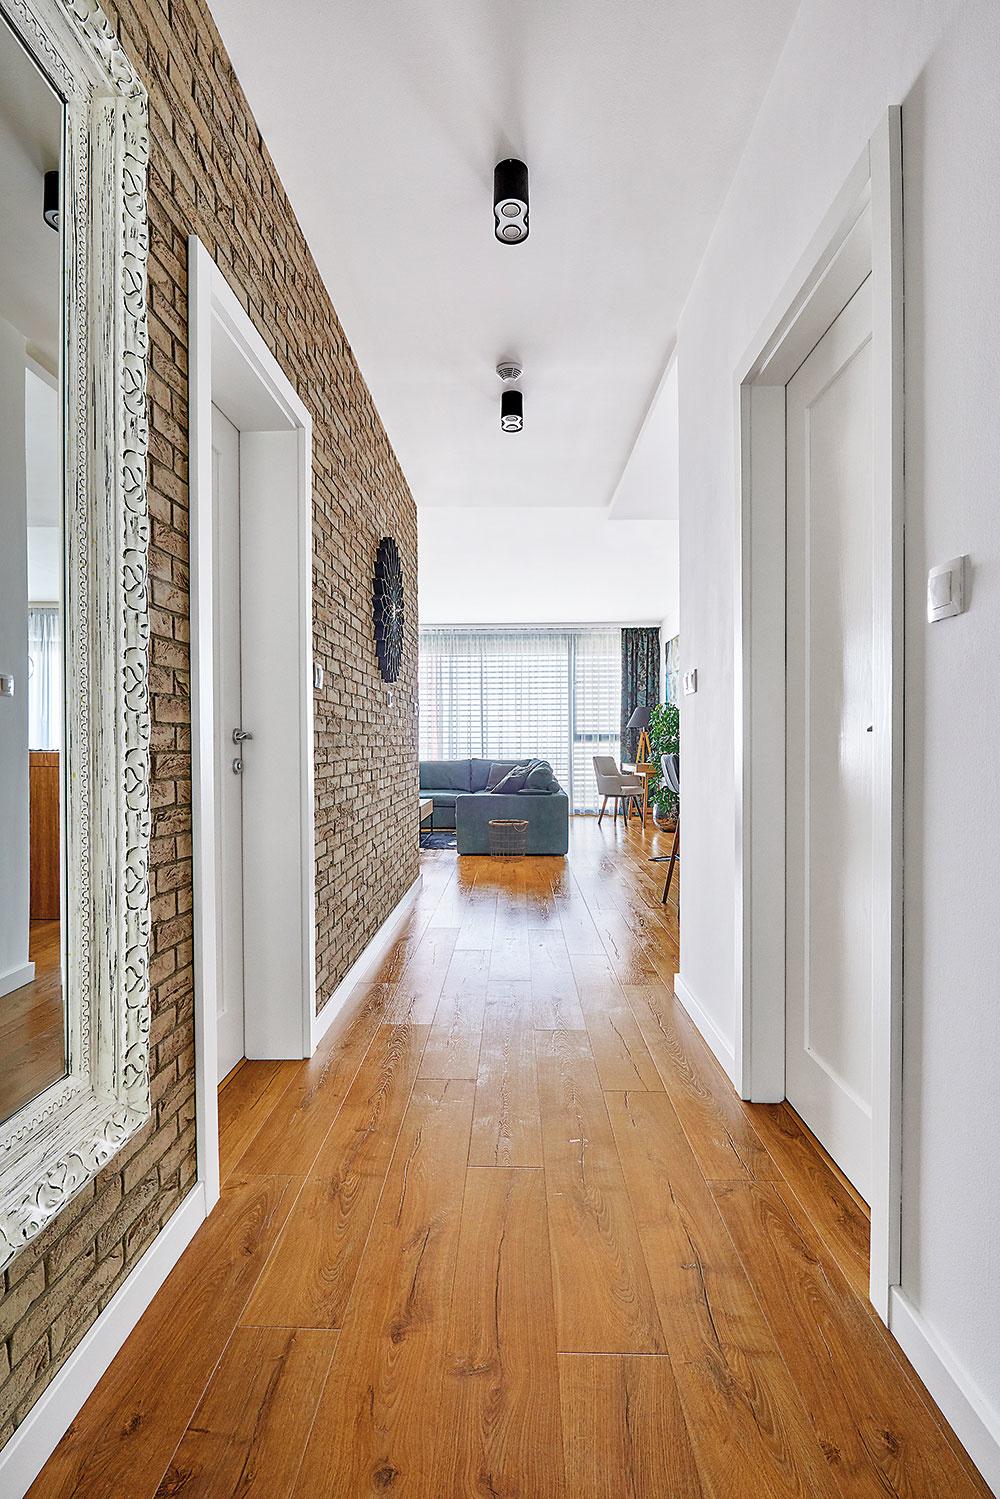 TEHLOVÝ OBKLAD na stene vchodbe rozbíja sterilitu zvyšných bielych plôch na stenách, strope azárubniach adodáva priestoru pocit útulnosti adomáceho tepla.